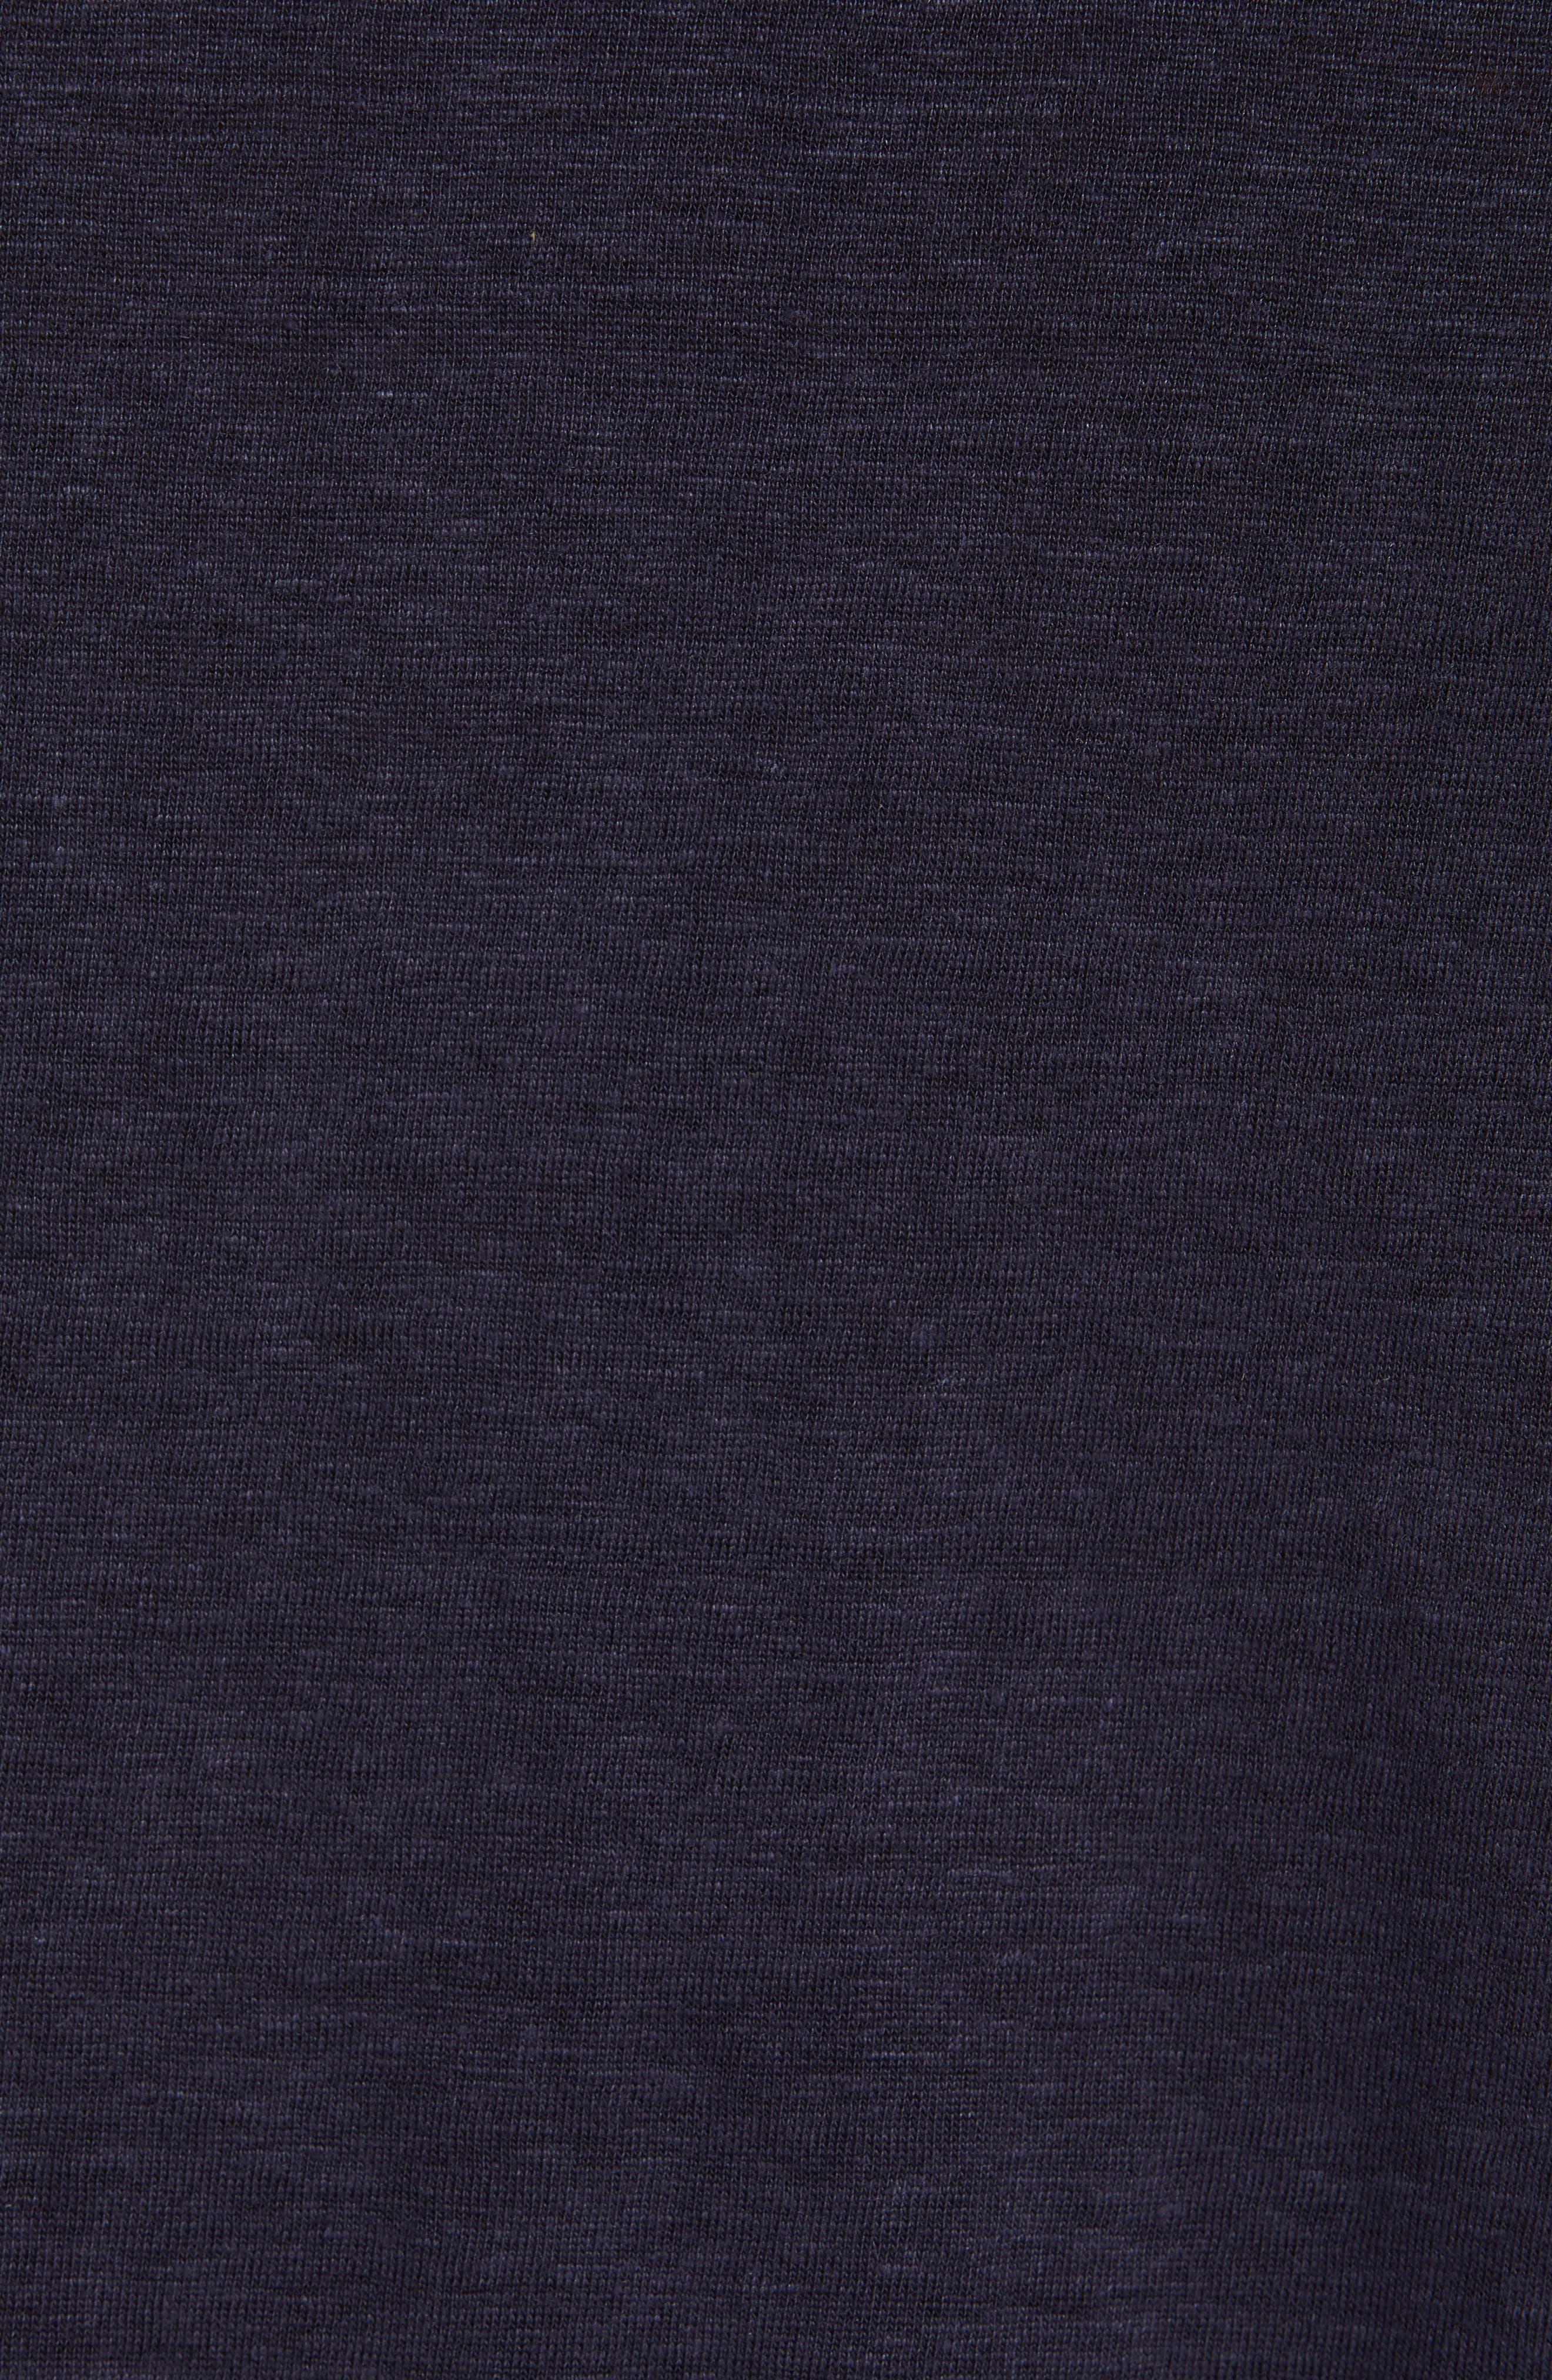 ERMENEGILDO ZEGNA, Ermenegilda Zegna Linen Polo Shirt, Alternate thumbnail 5, color, NAVY